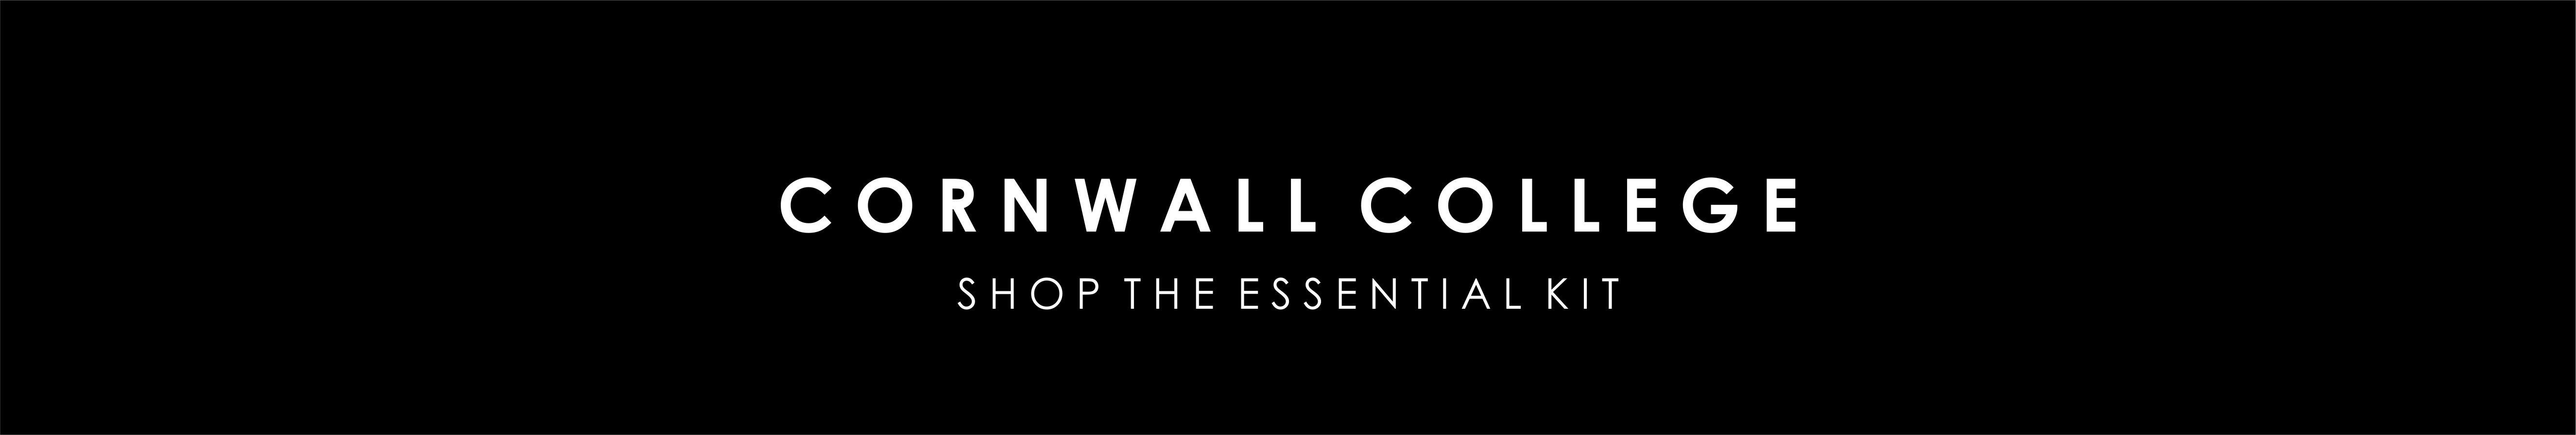 cornwall-college-banner-camborne.jpg